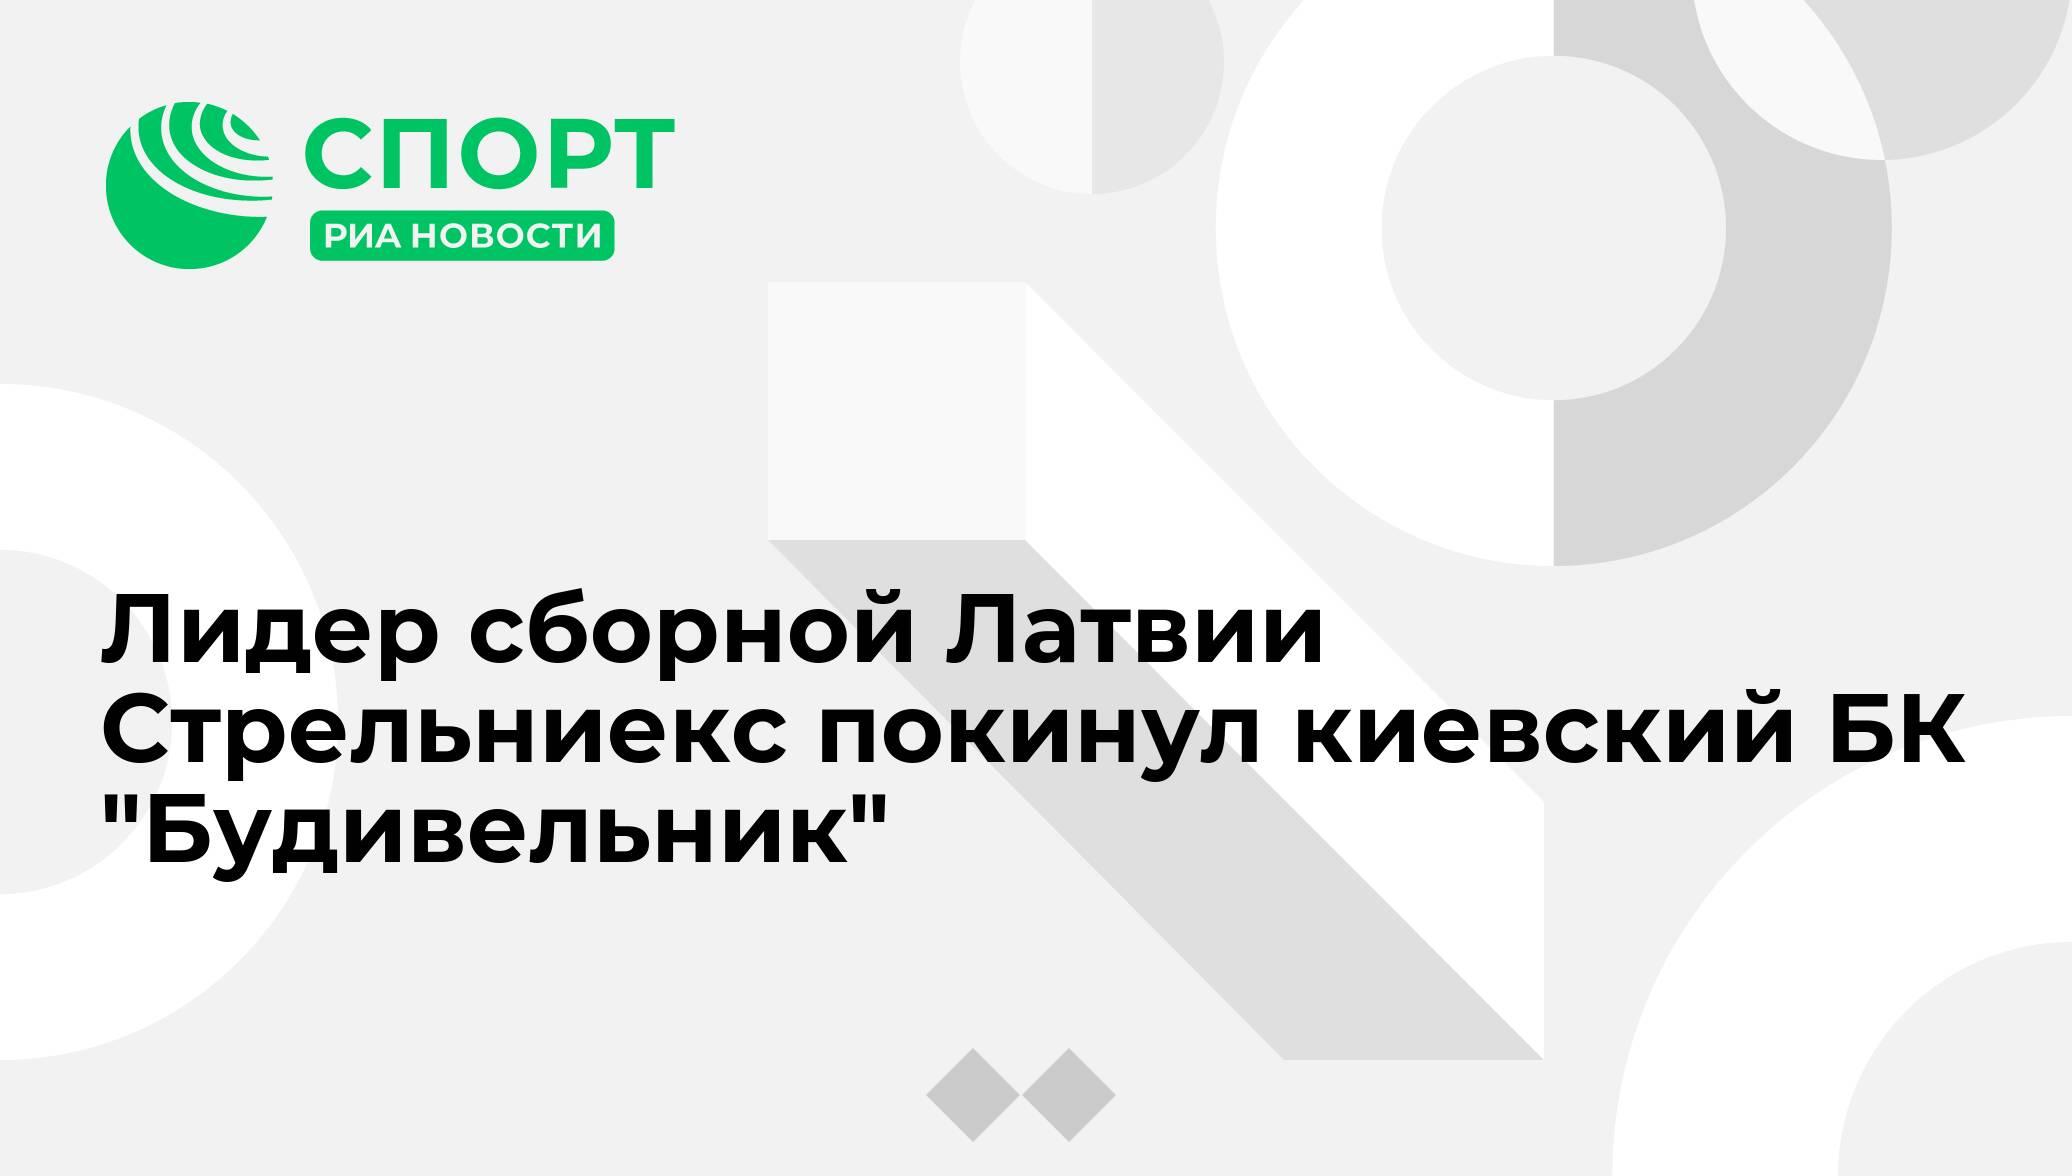 00fc7fc8 Лидер сборной Латвии Стрельниекс покинул киевский БК